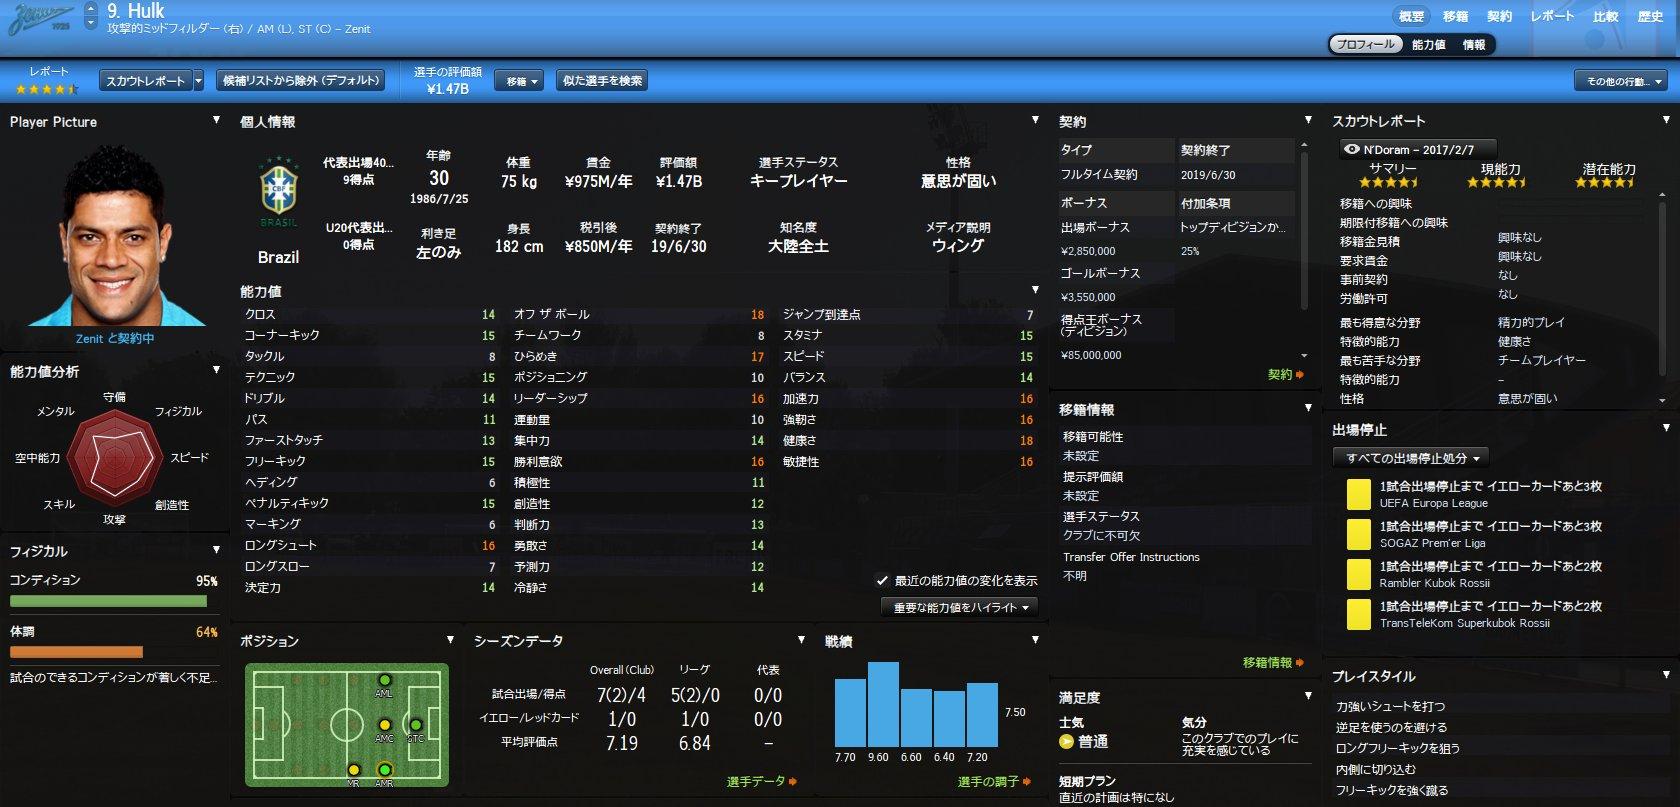 WS004898.jpg